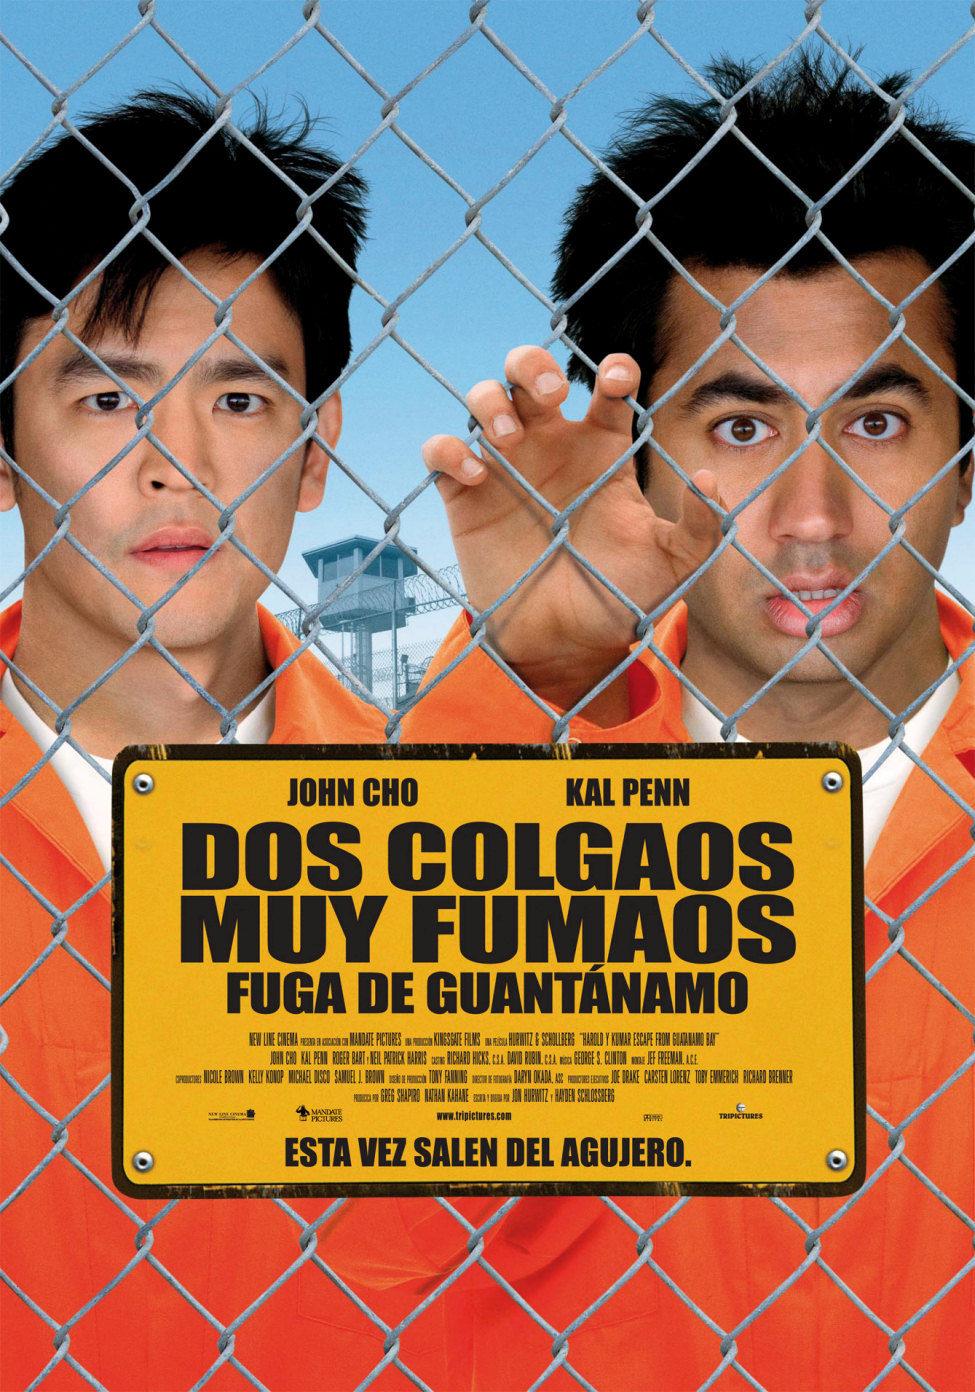 Cartel España de 'Dos colgaos muy fumaos: Fuga de Guantánamo'